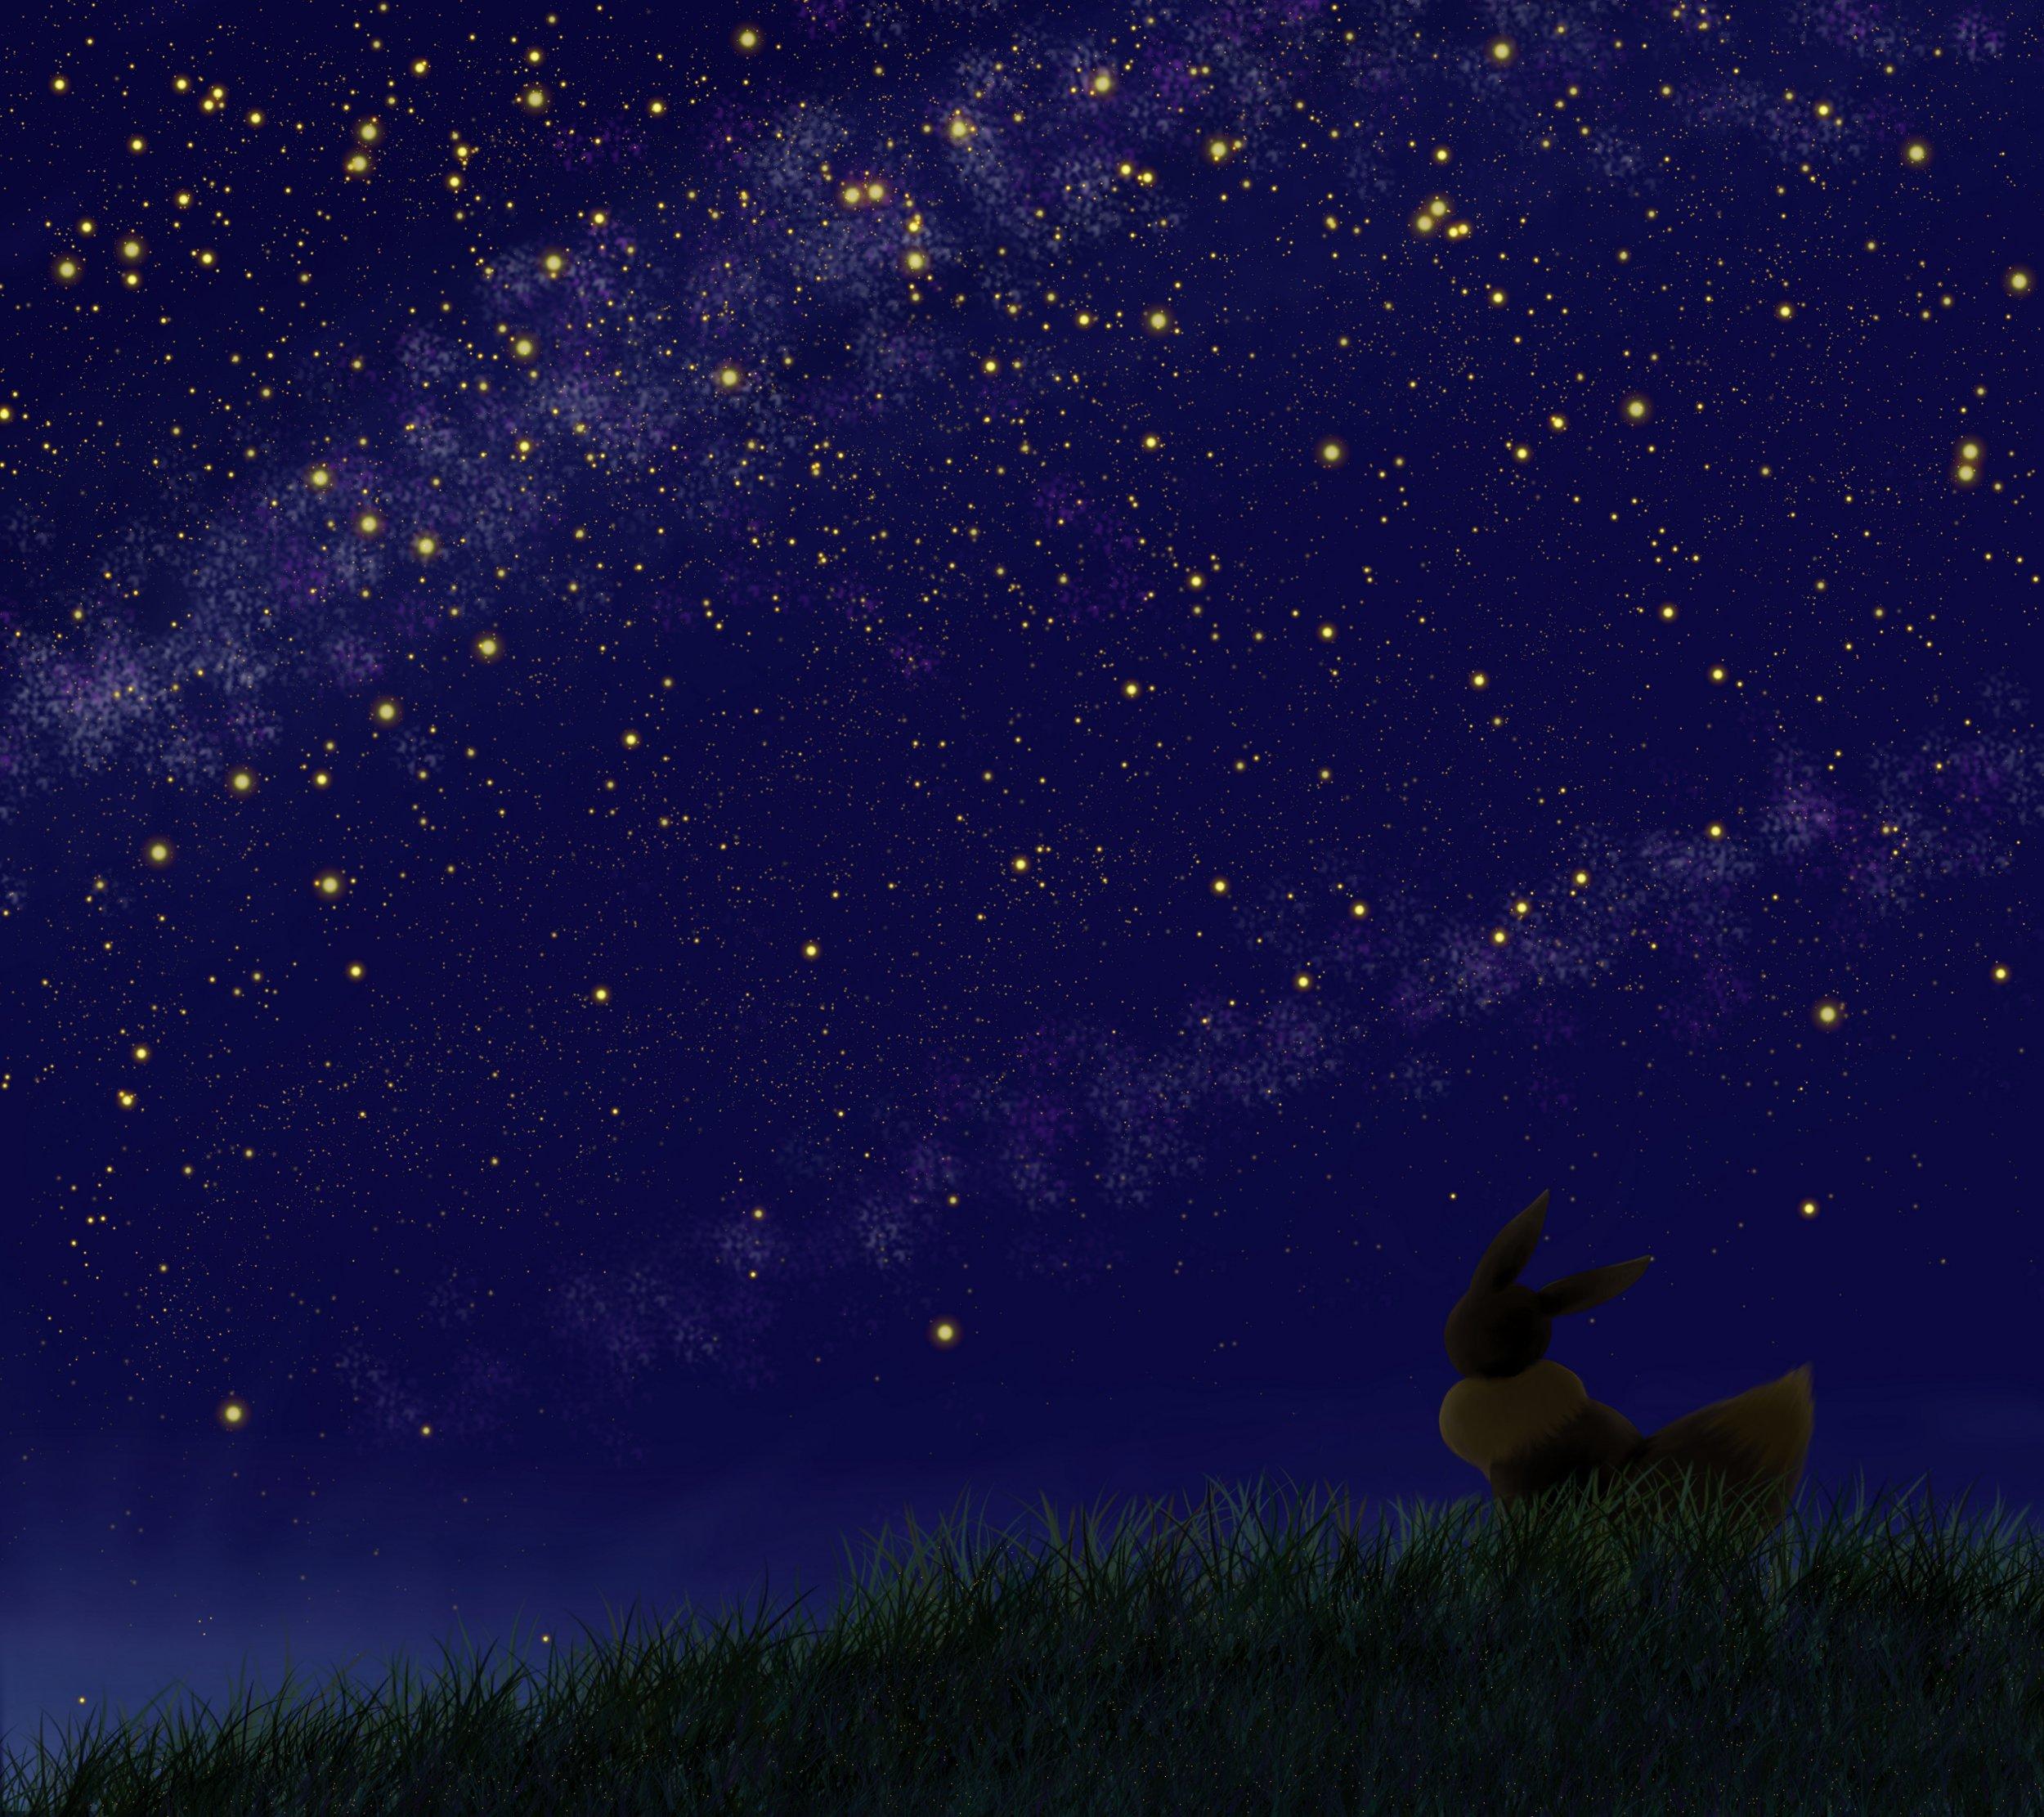 Espace membre recherche des images associ es au mot cl evoli - Fabriquer un ciel etoile ...